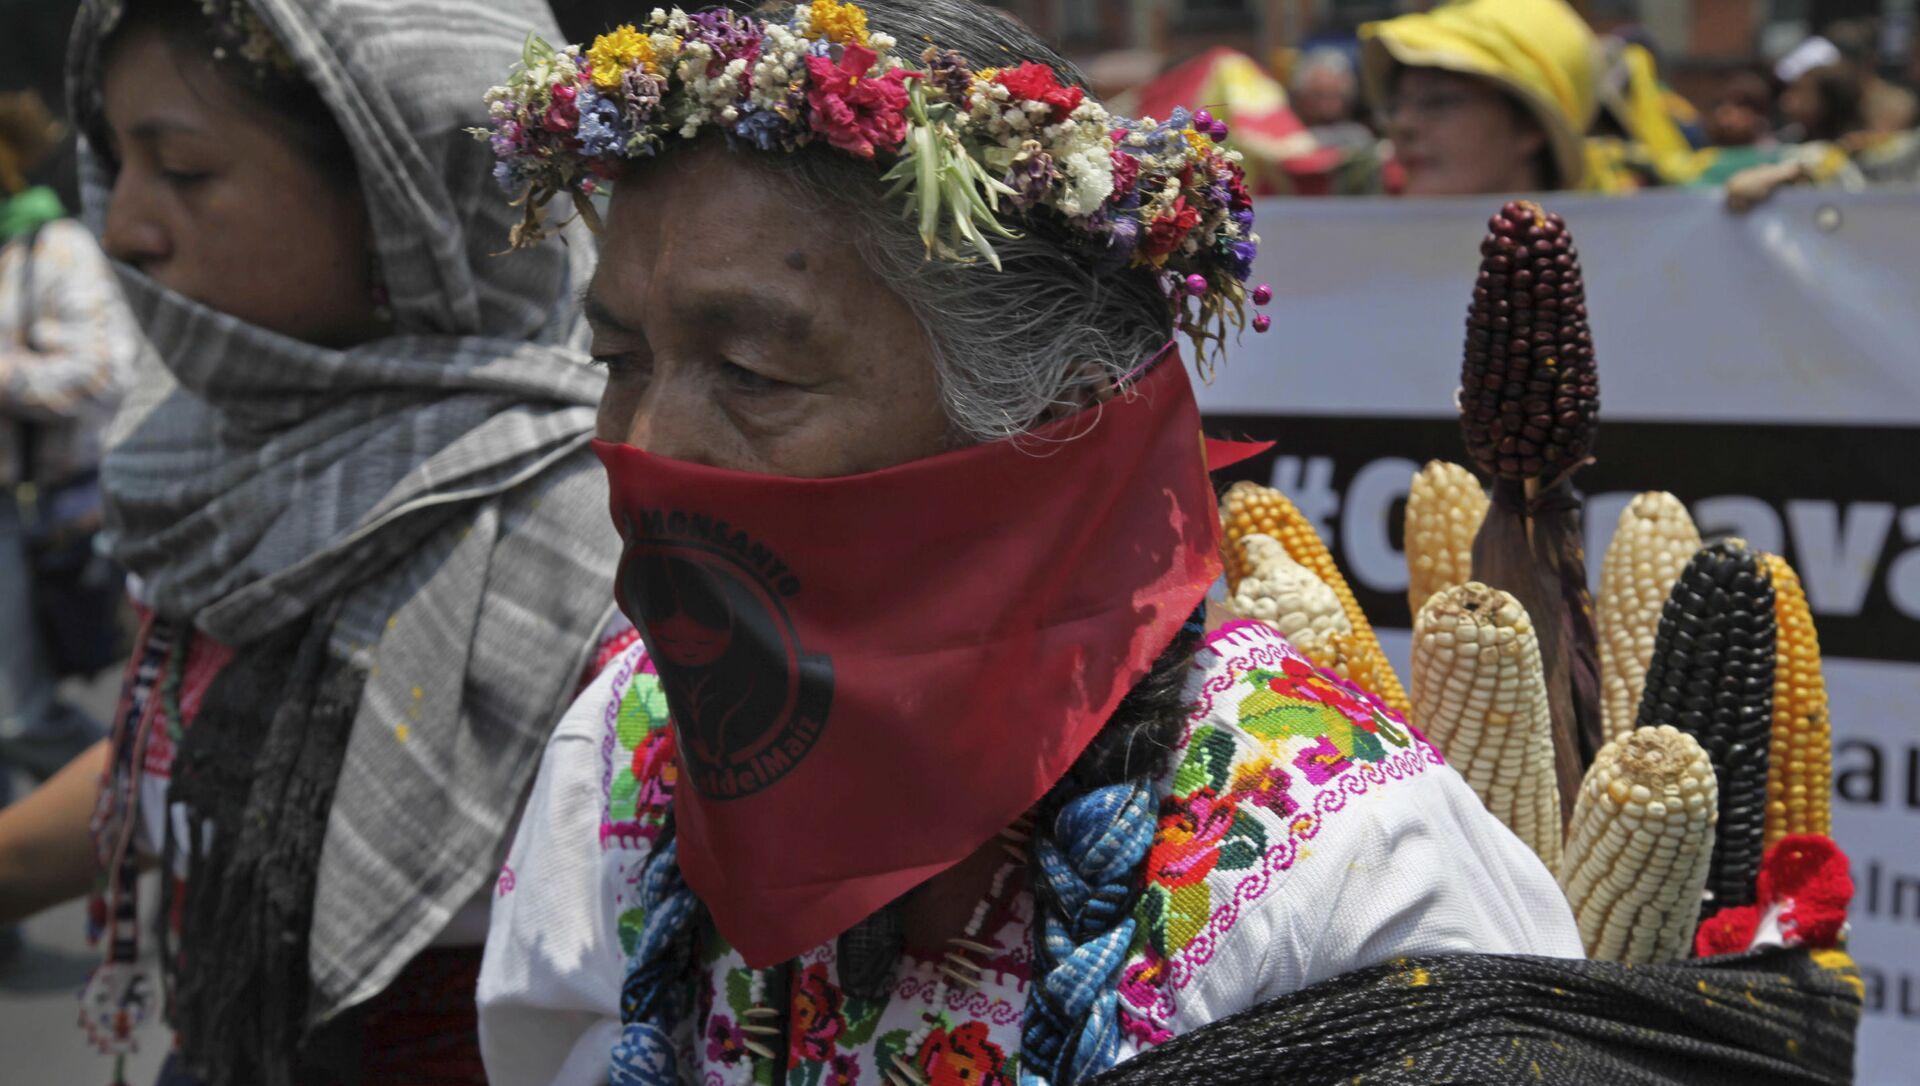 Mujer rural mexicana durante la protesta contra Monsanto - Sputnik Mundo, 1920, 31.10.2020